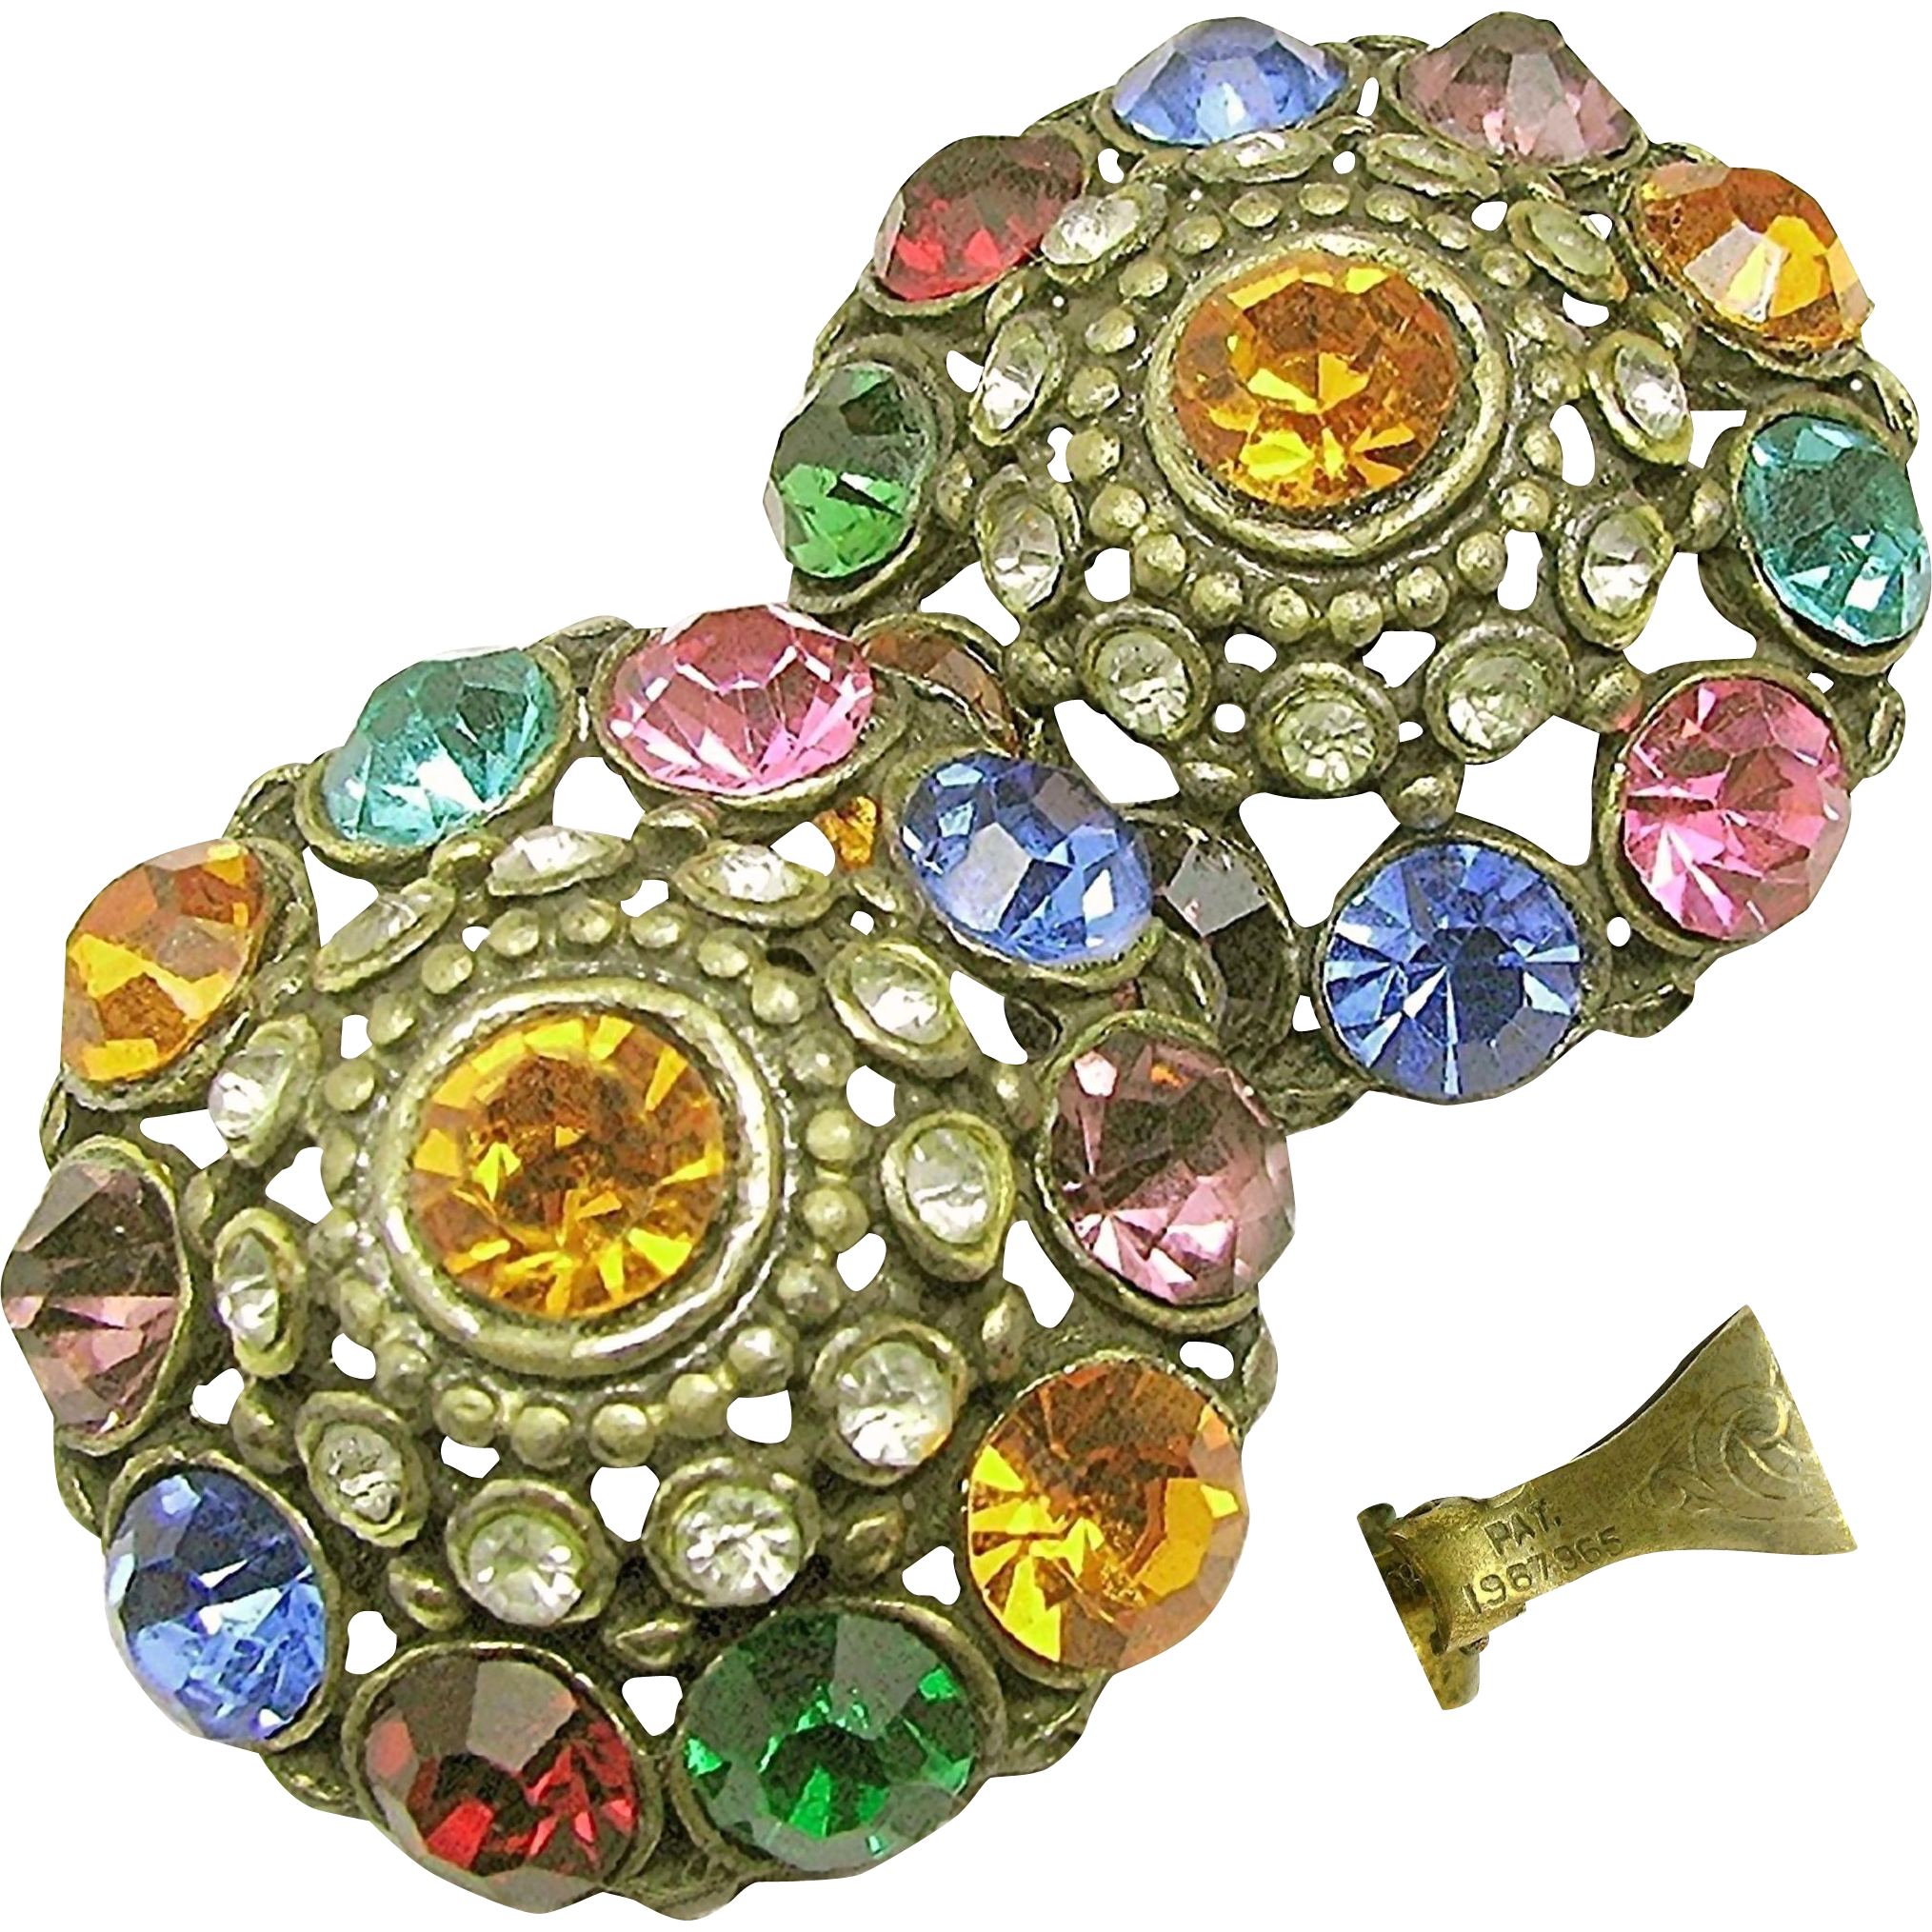 Art Deco Jewel-Tone Rhinestone Earrings 'n Clip Pat.1967965 c.1934